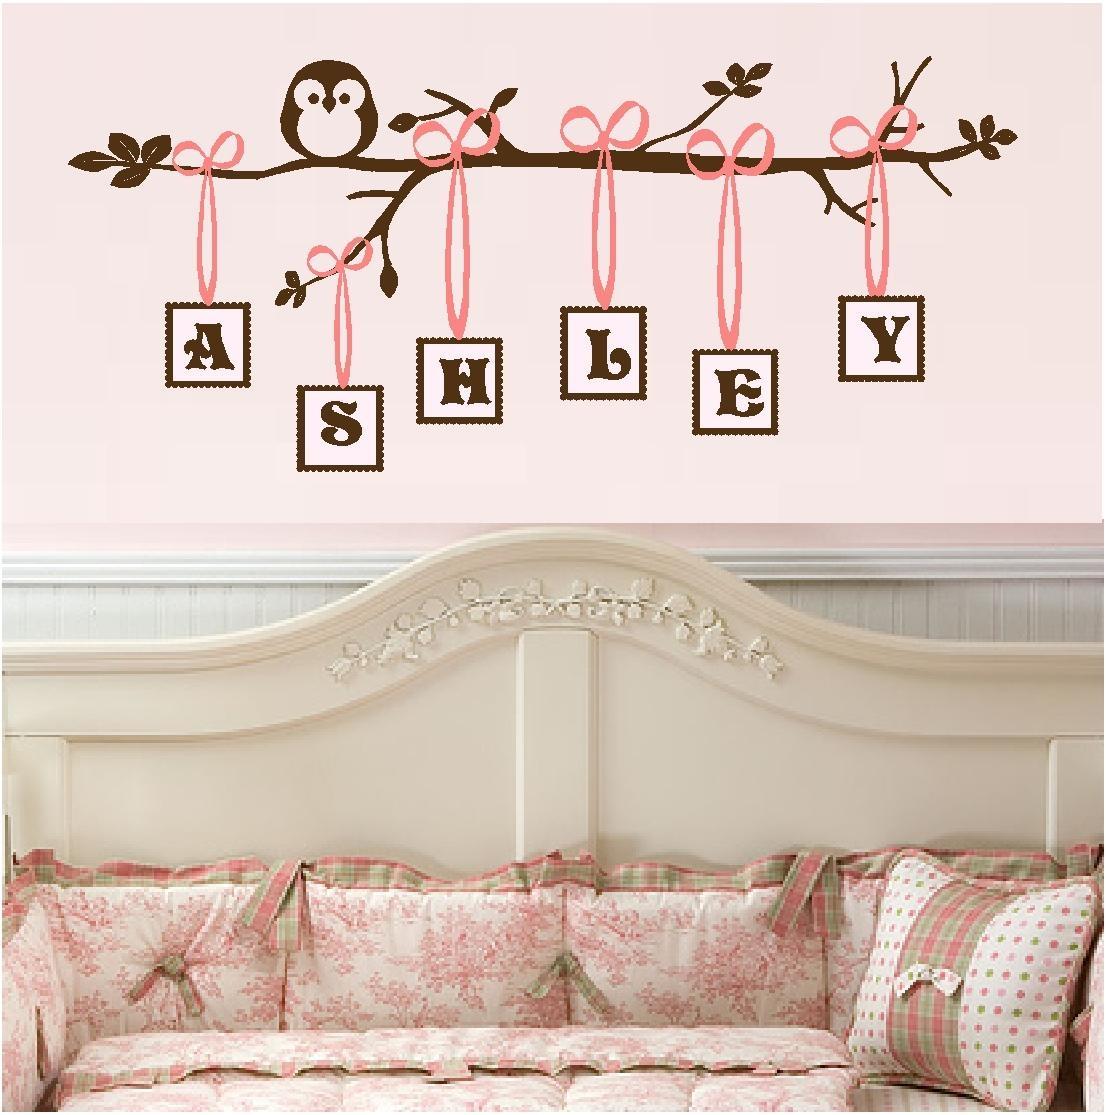 20 Ideas of Wall Art for Little Girl Room